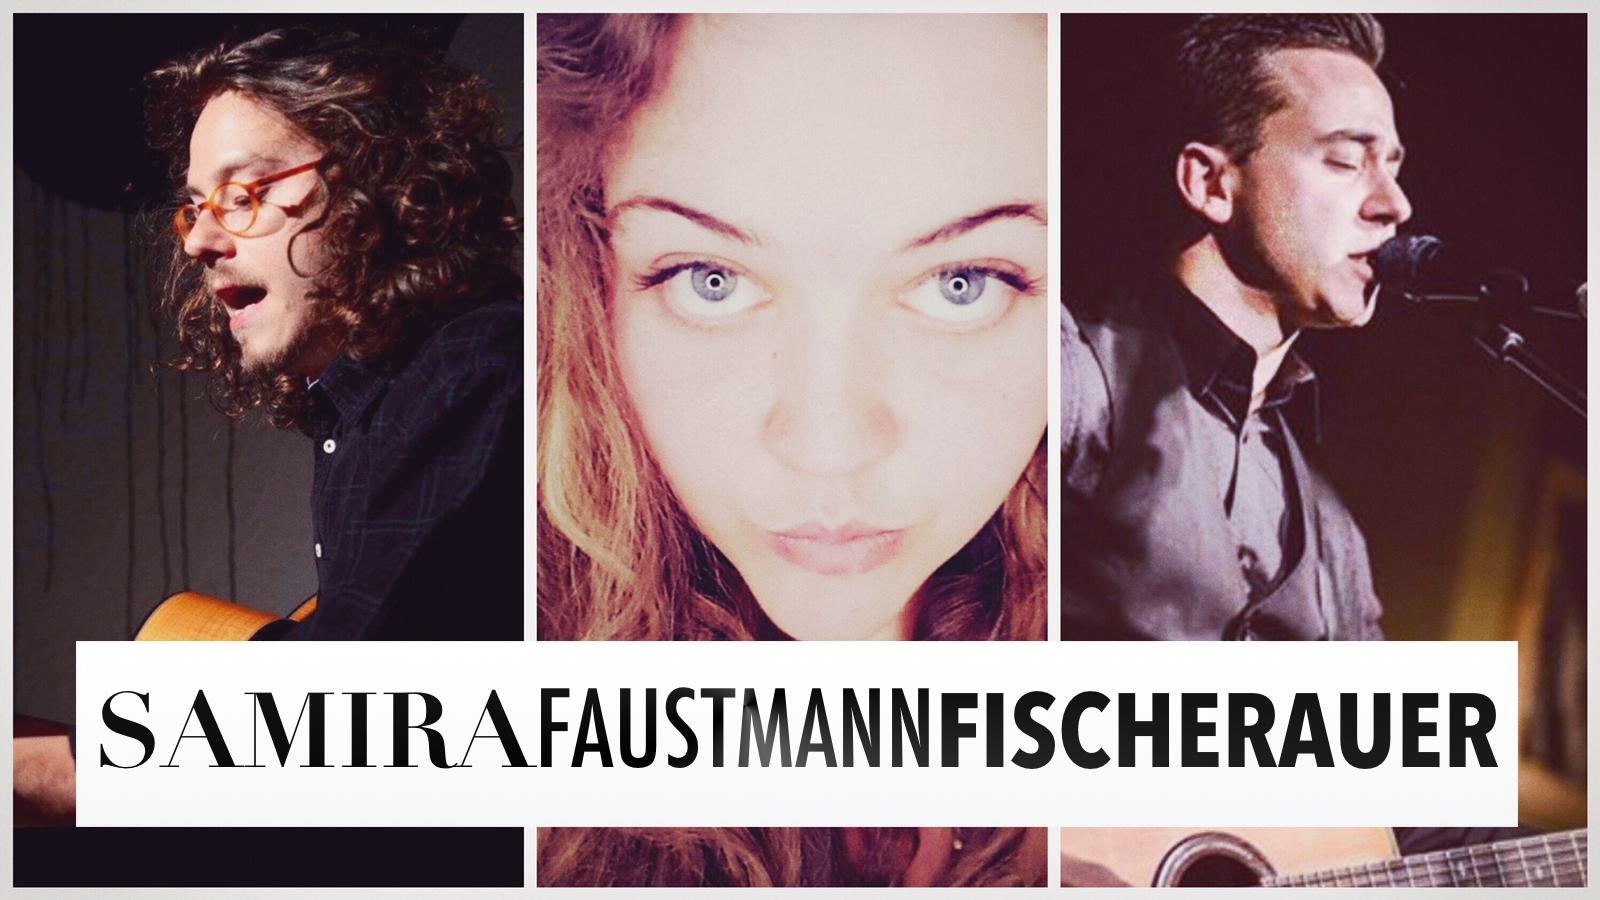 samira faustmann fischerauer.png